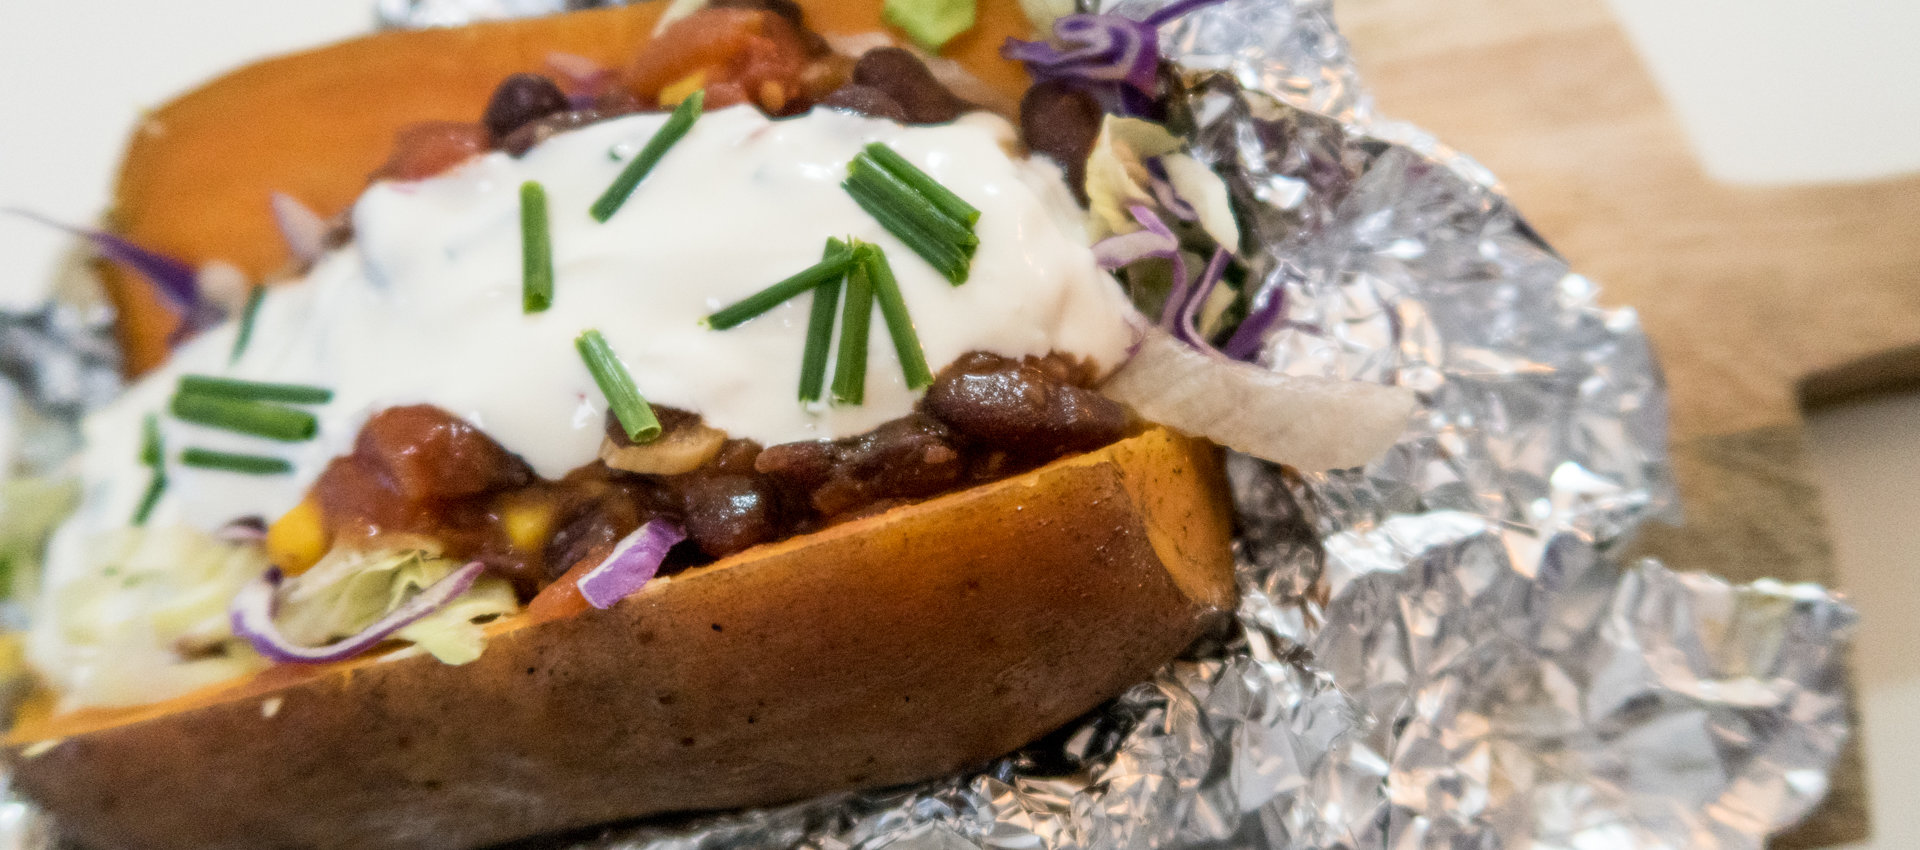 gefüllte Süßkartoffeln - mexikanische Art -